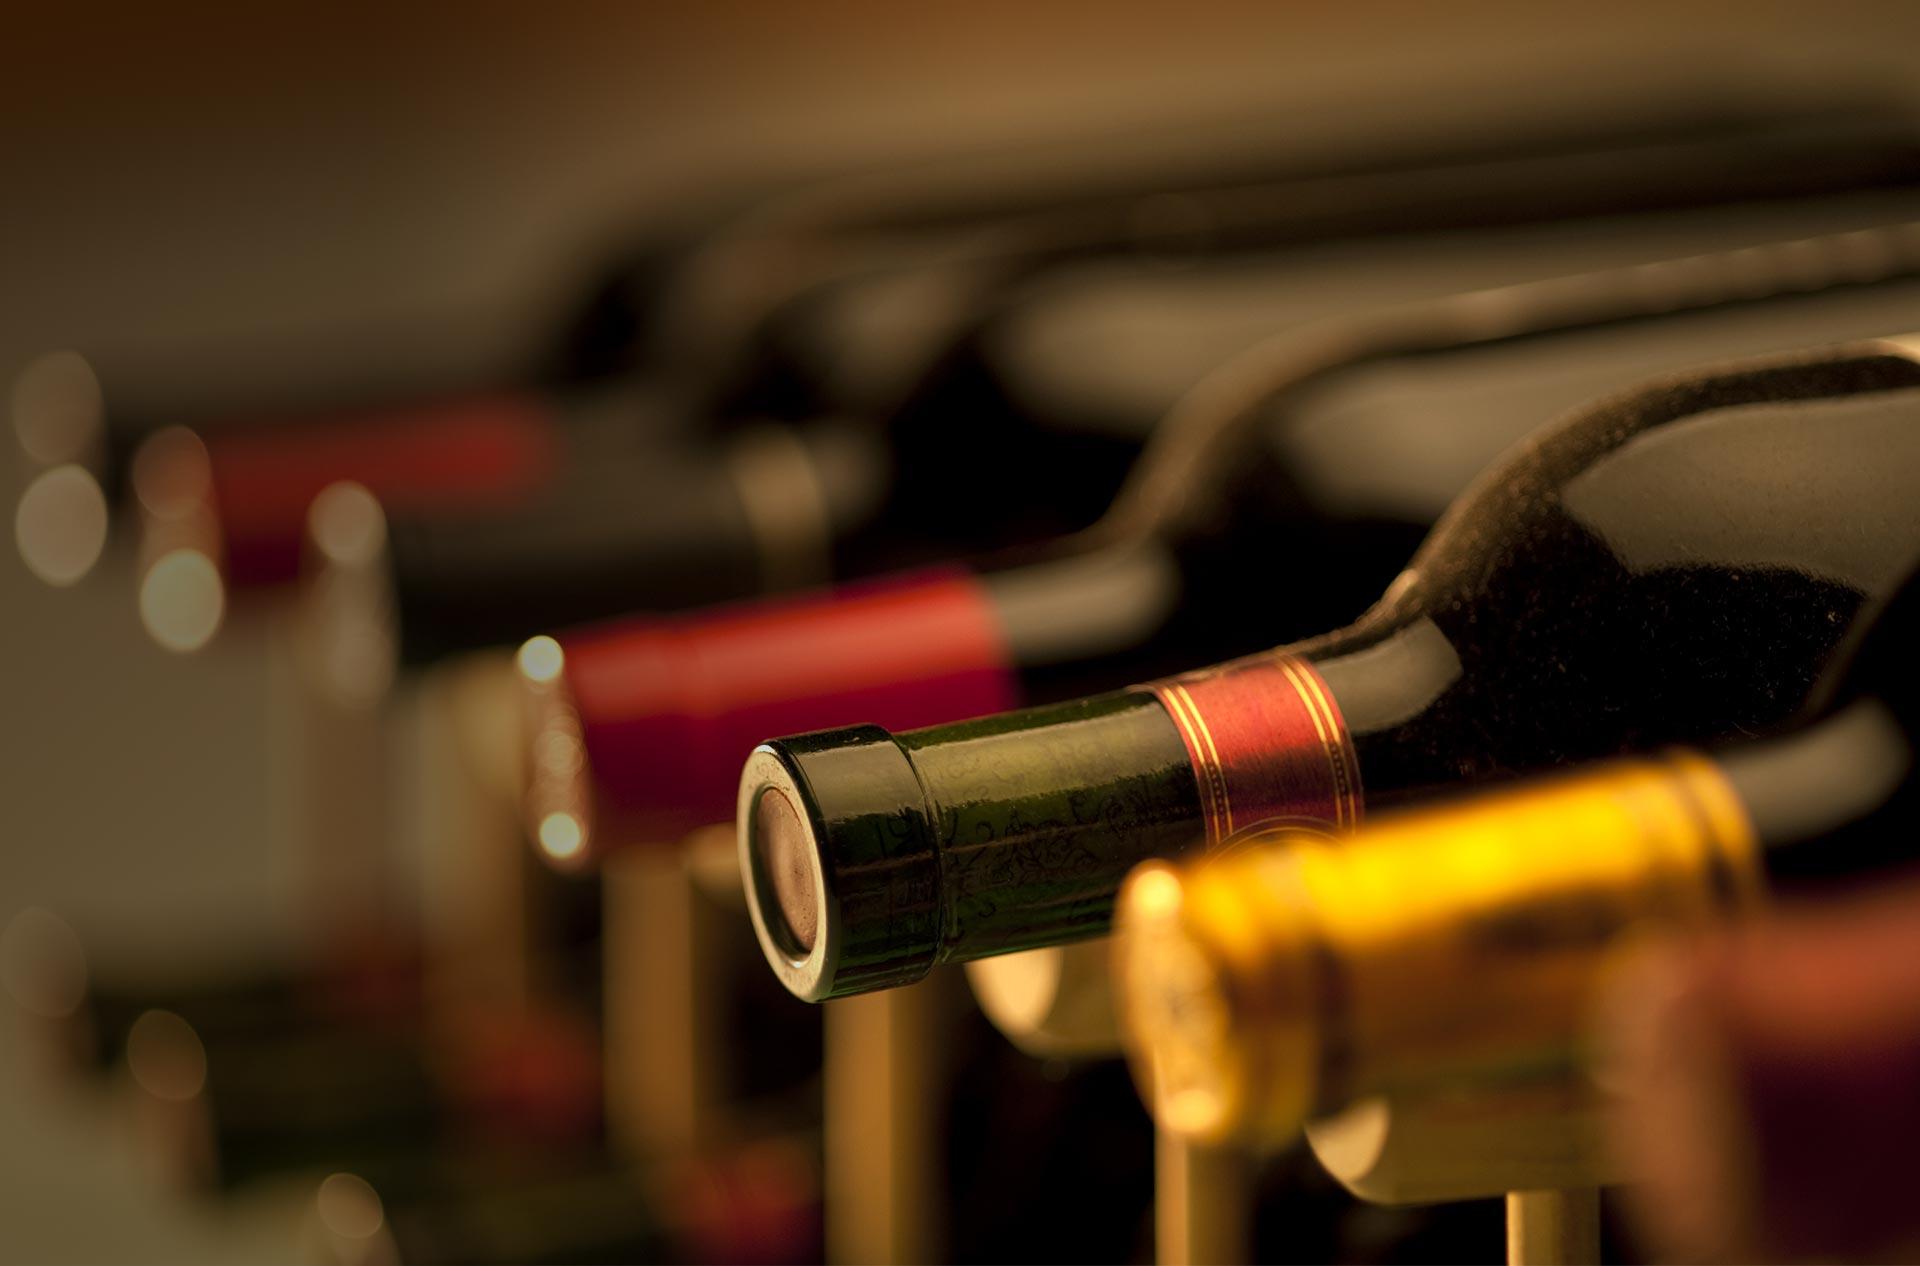 Achat vin : comment faire pour investir dans le vin ?